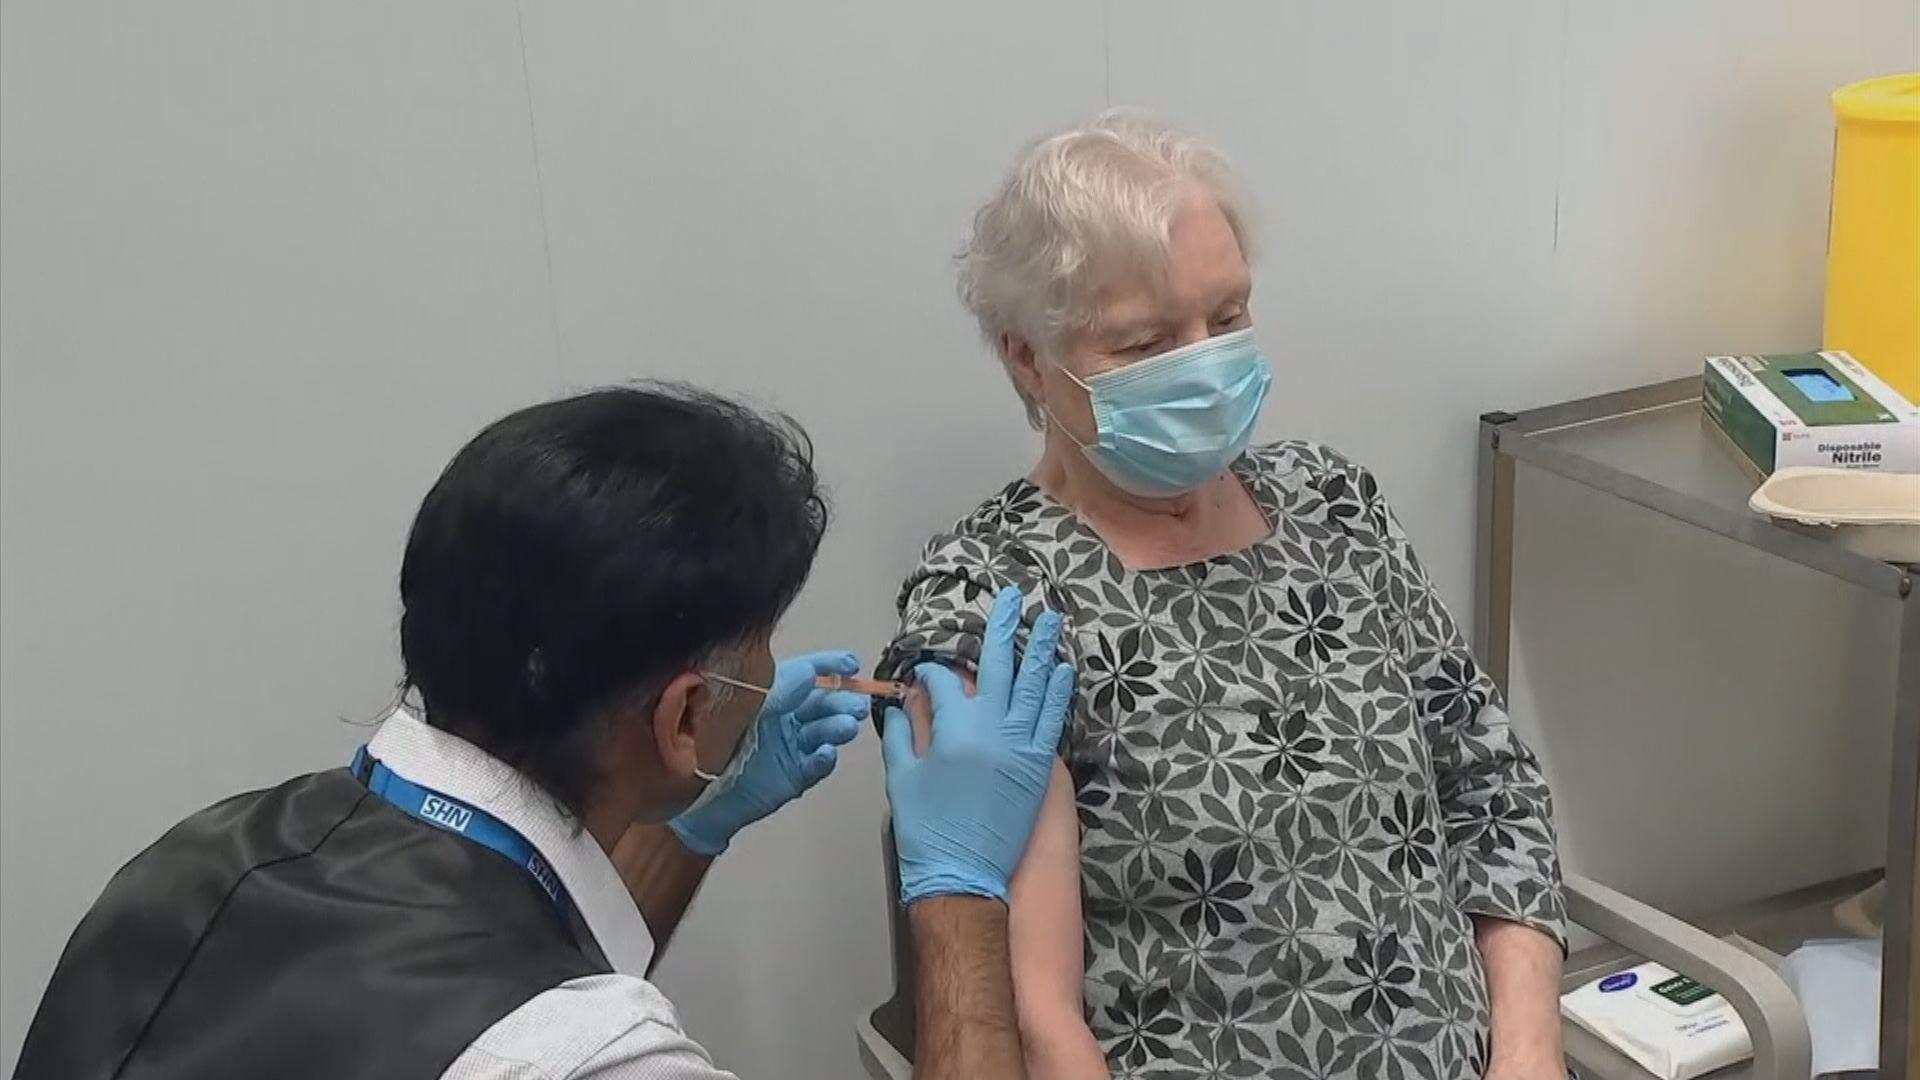 英國新增近四萬宗確診單日破紀錄逾32萬人注射疫苗